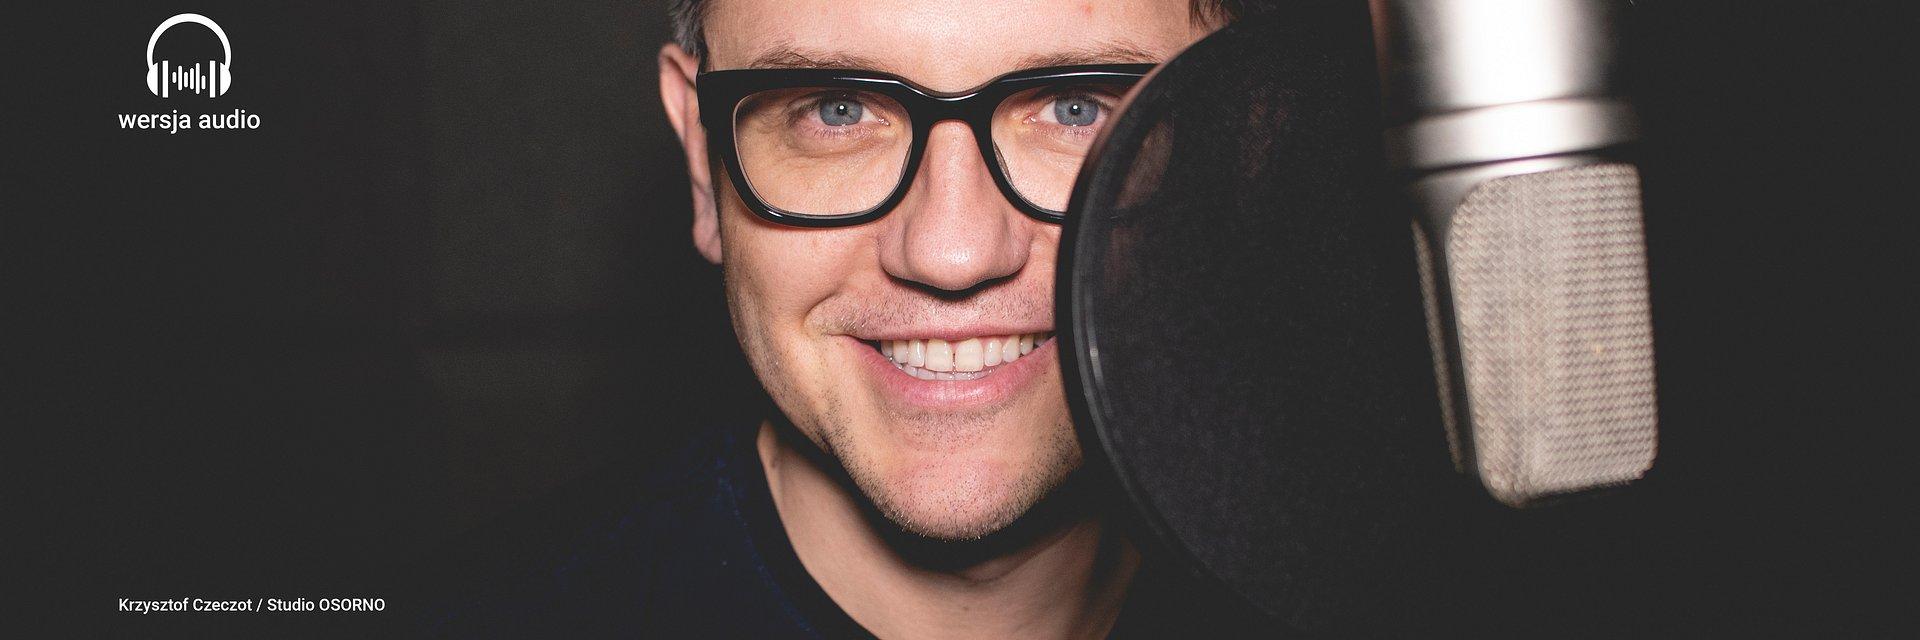 """Kompletny """"Chaos"""", czyli o tym, jak pierwszy polski serial audio w 3D zachwycił słuchaczy"""